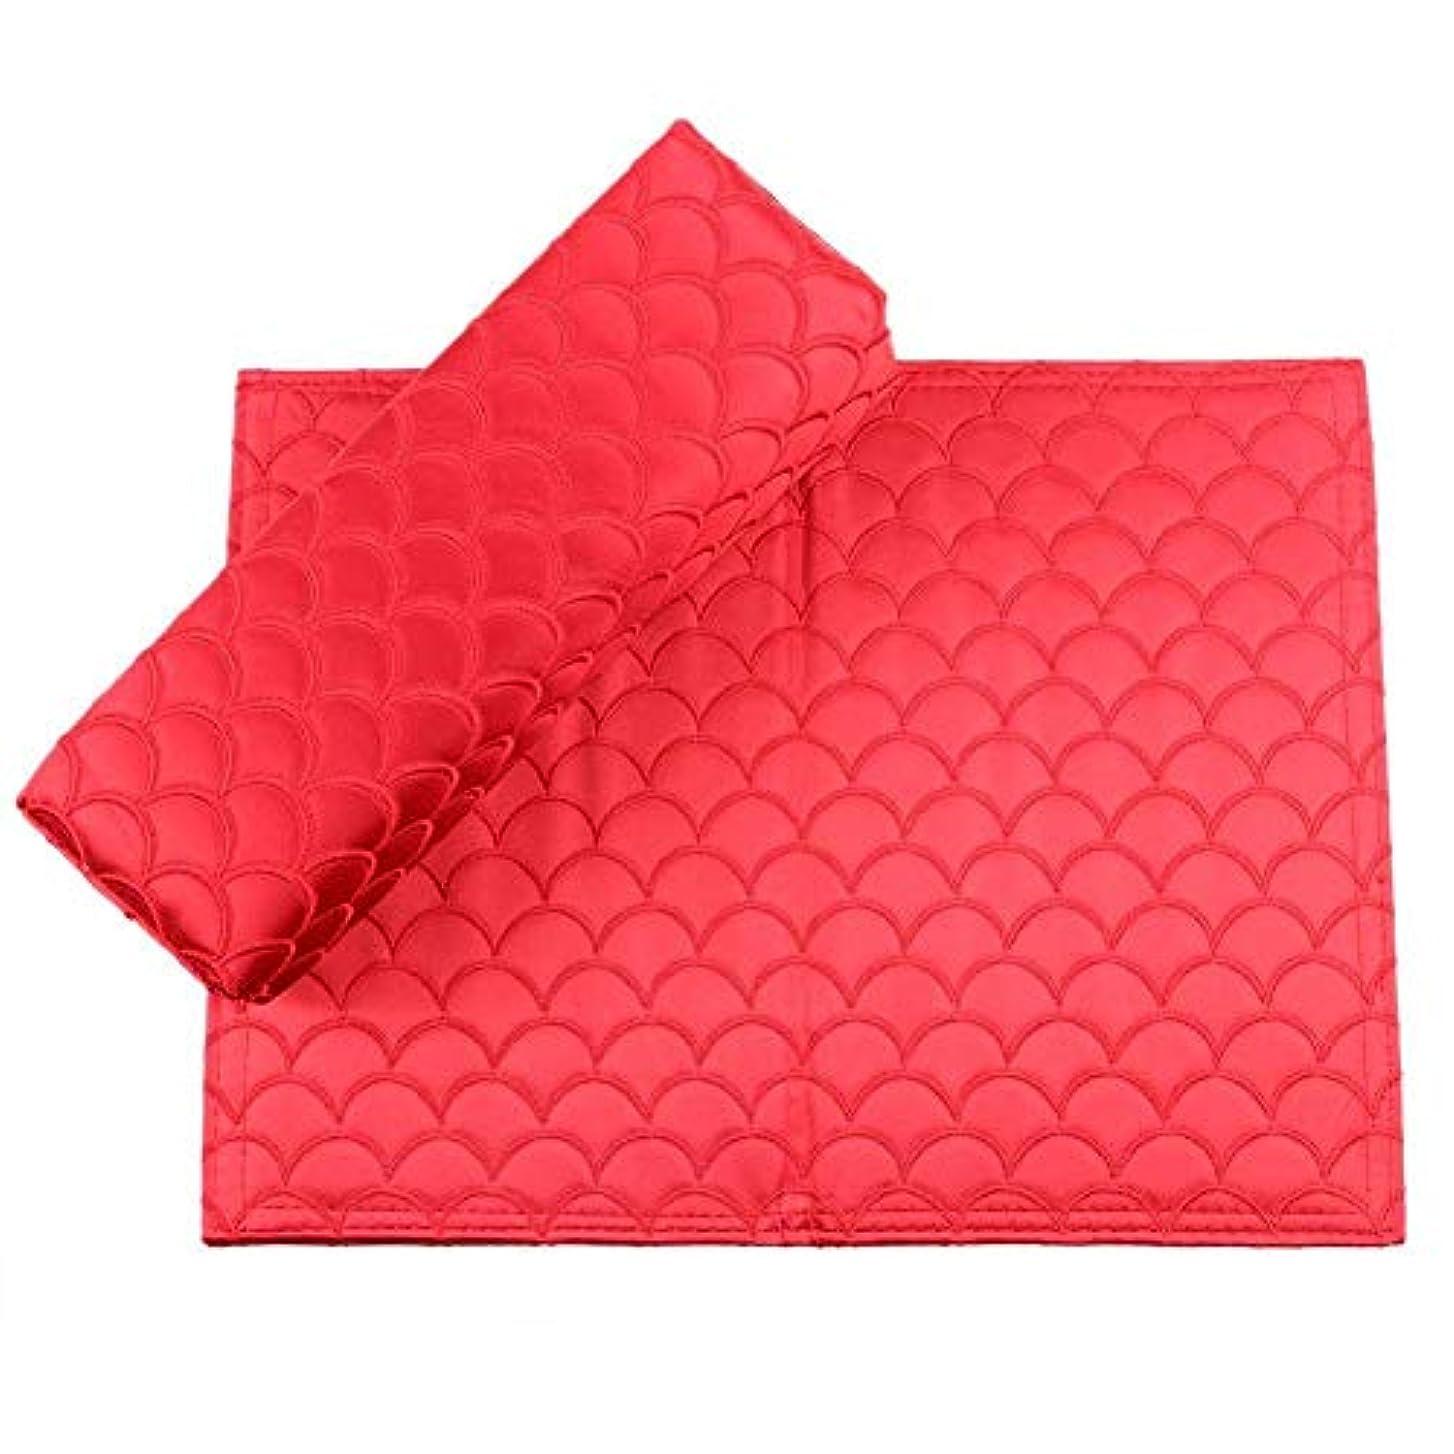 やけどエキサイティングのぞき穴Yuyte 6色2個折り畳み式の絶妙なソフトシルクネイルアートハンドピロー-アームレストマニキュアサロンの耐高温ハンドクッション(04)